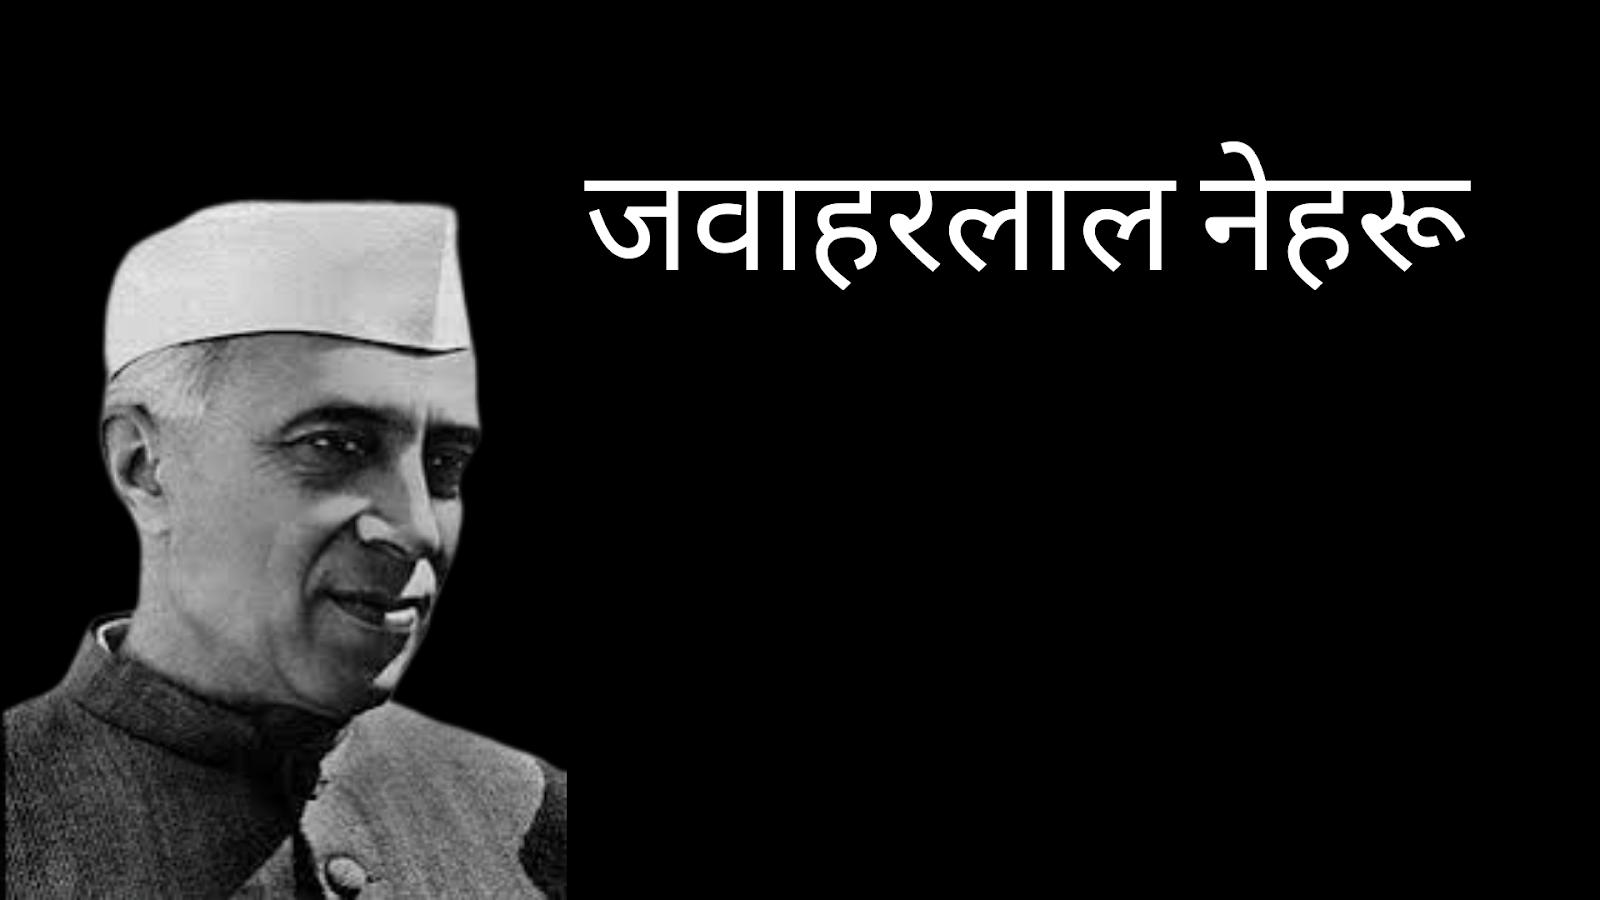 जवाहरलाल नेहरू पर निबंध | essay on jawahar lal nehru